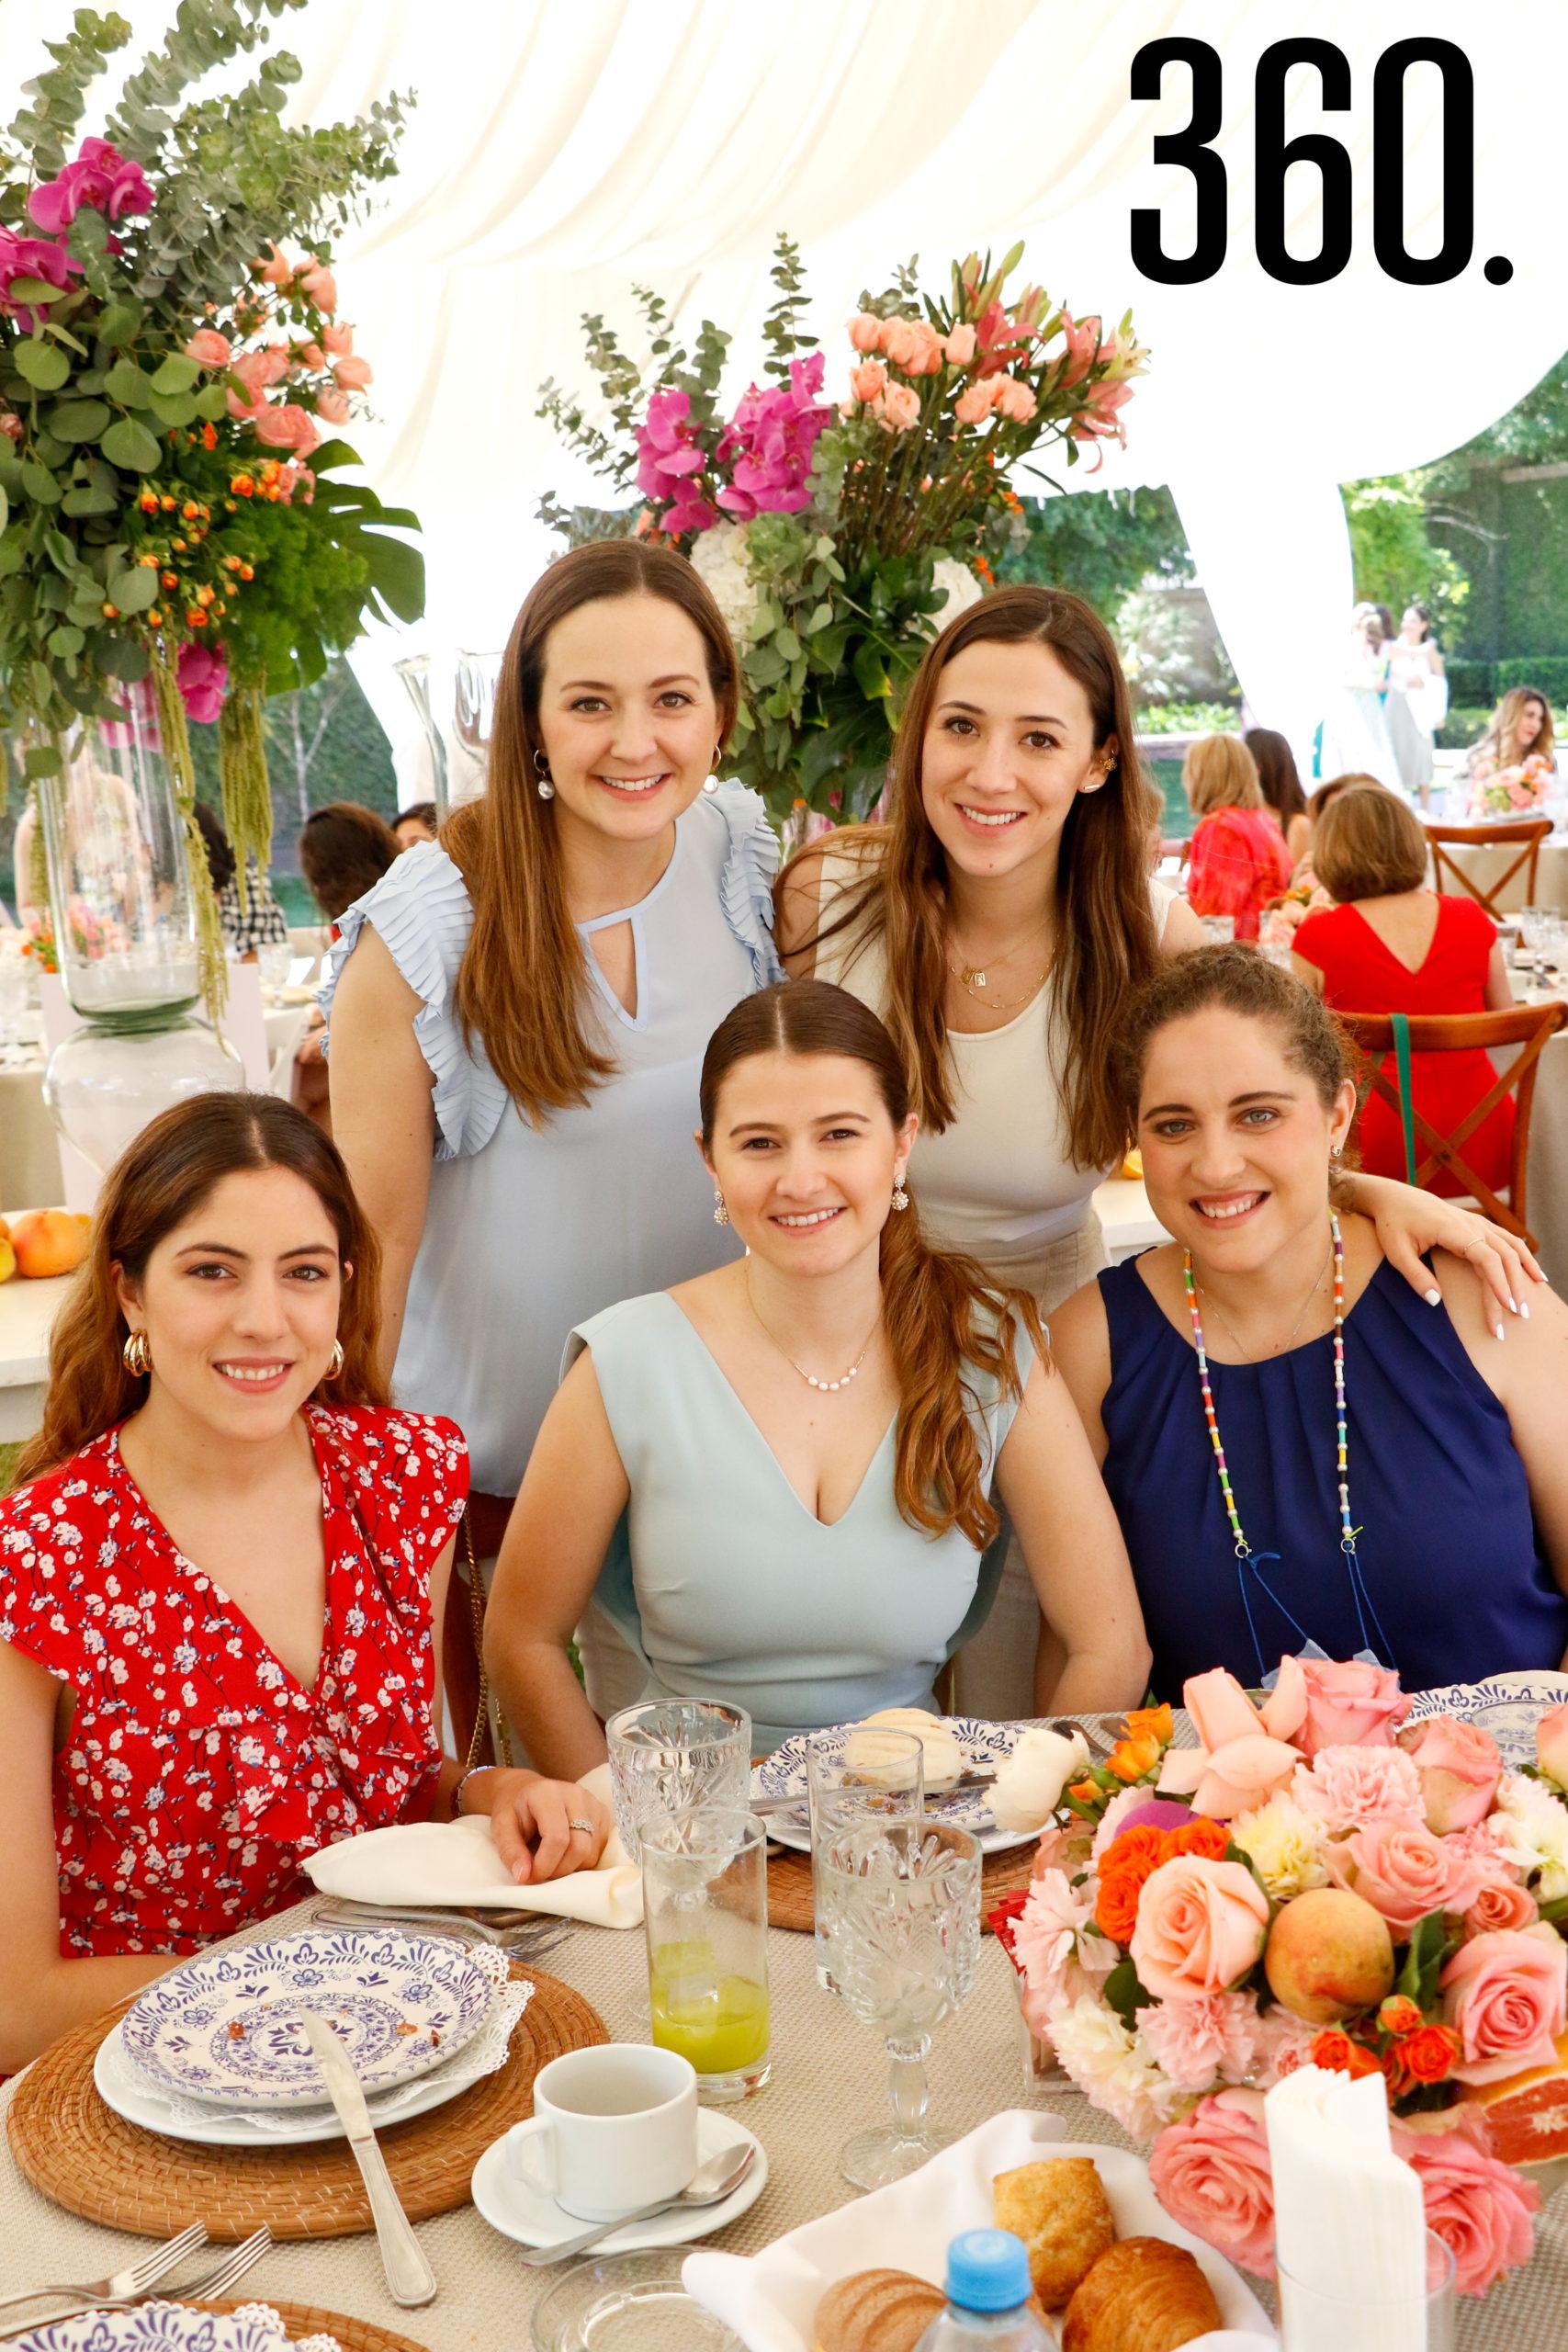 Mariana de la Garza, Sofía de la Garza, María Fernanda Dávila, Silvia Dávila y Ana Cristina de la Garza.